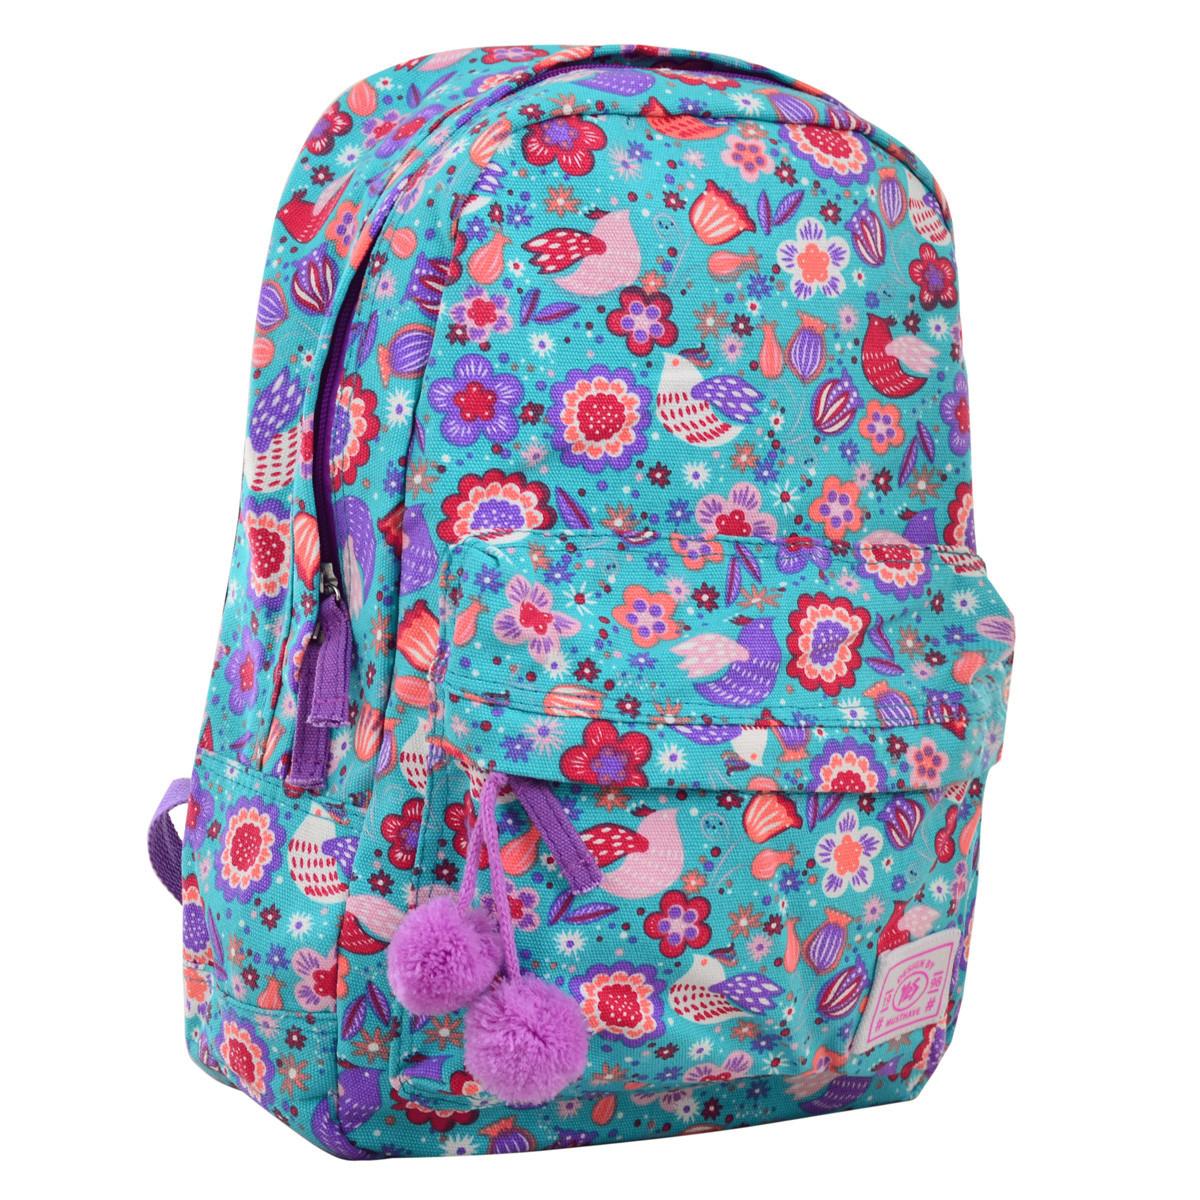 Рюкзак молодежный YES ST-33 Dreamy, 35*29*12 555450